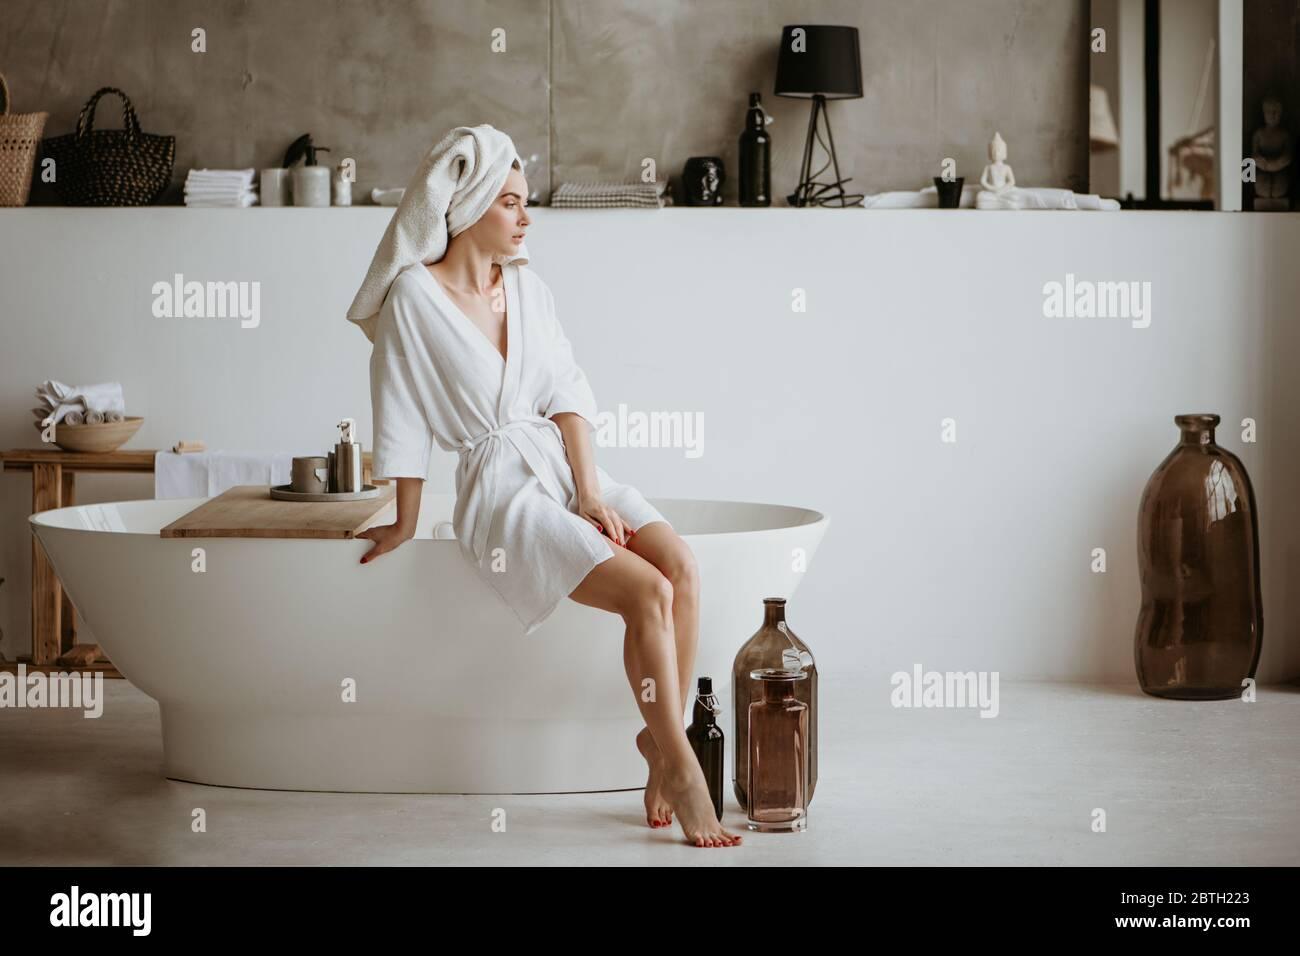 Belle jeune femme en peignoir assis sur le bord de la baignoire. Banque D'Images